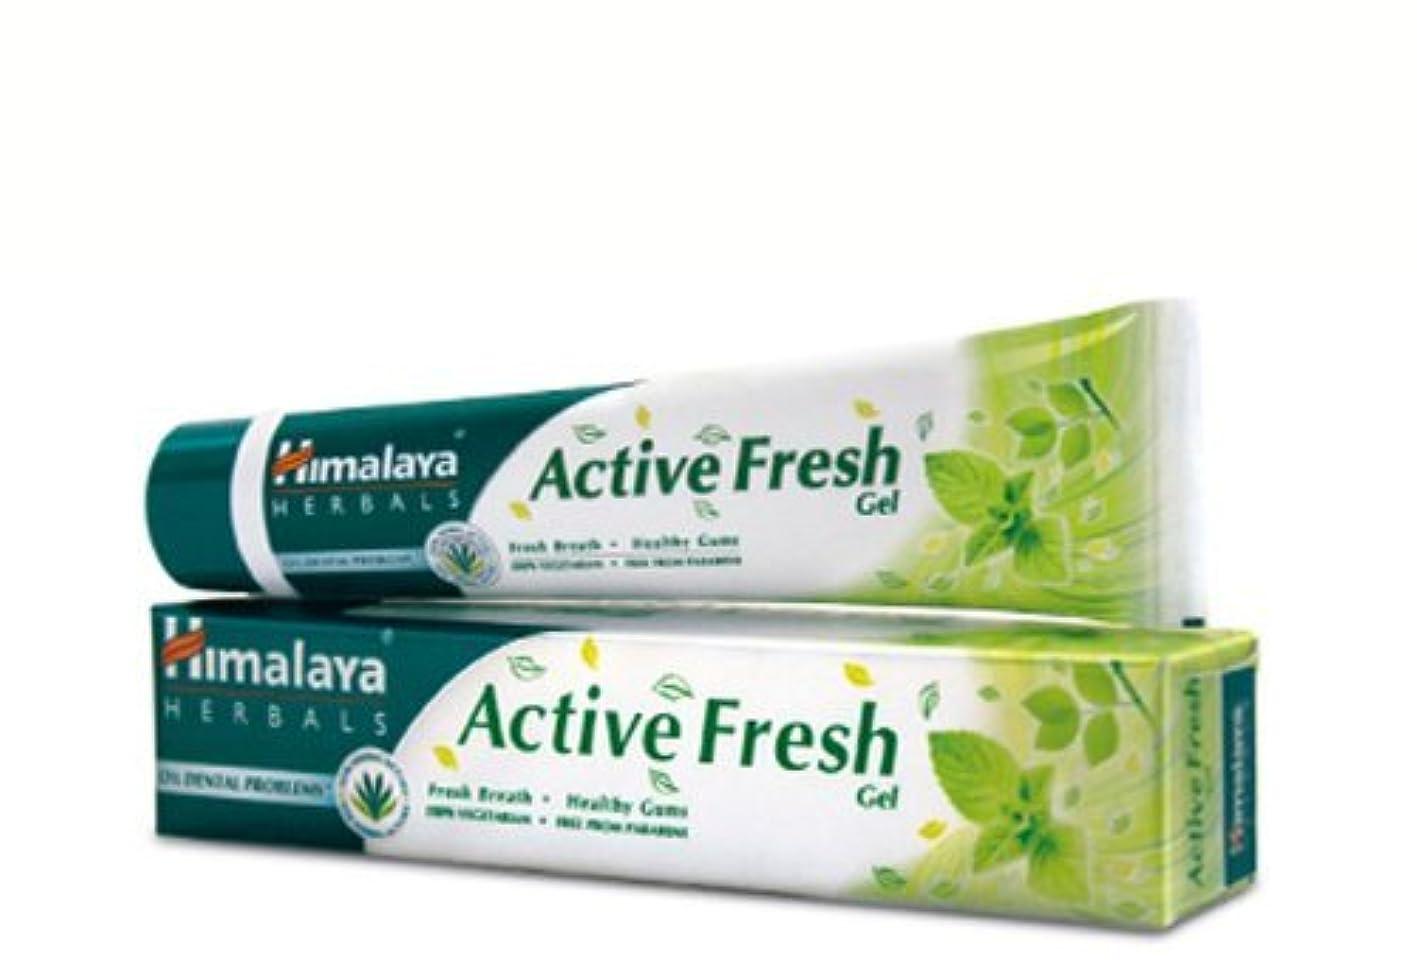 ダム淡い結び目ヒマラヤ トゥースペイスト アクティブ フレッシュ(歯磨き粉)80g×4本 Himalaya Active Fresh Toothpaste